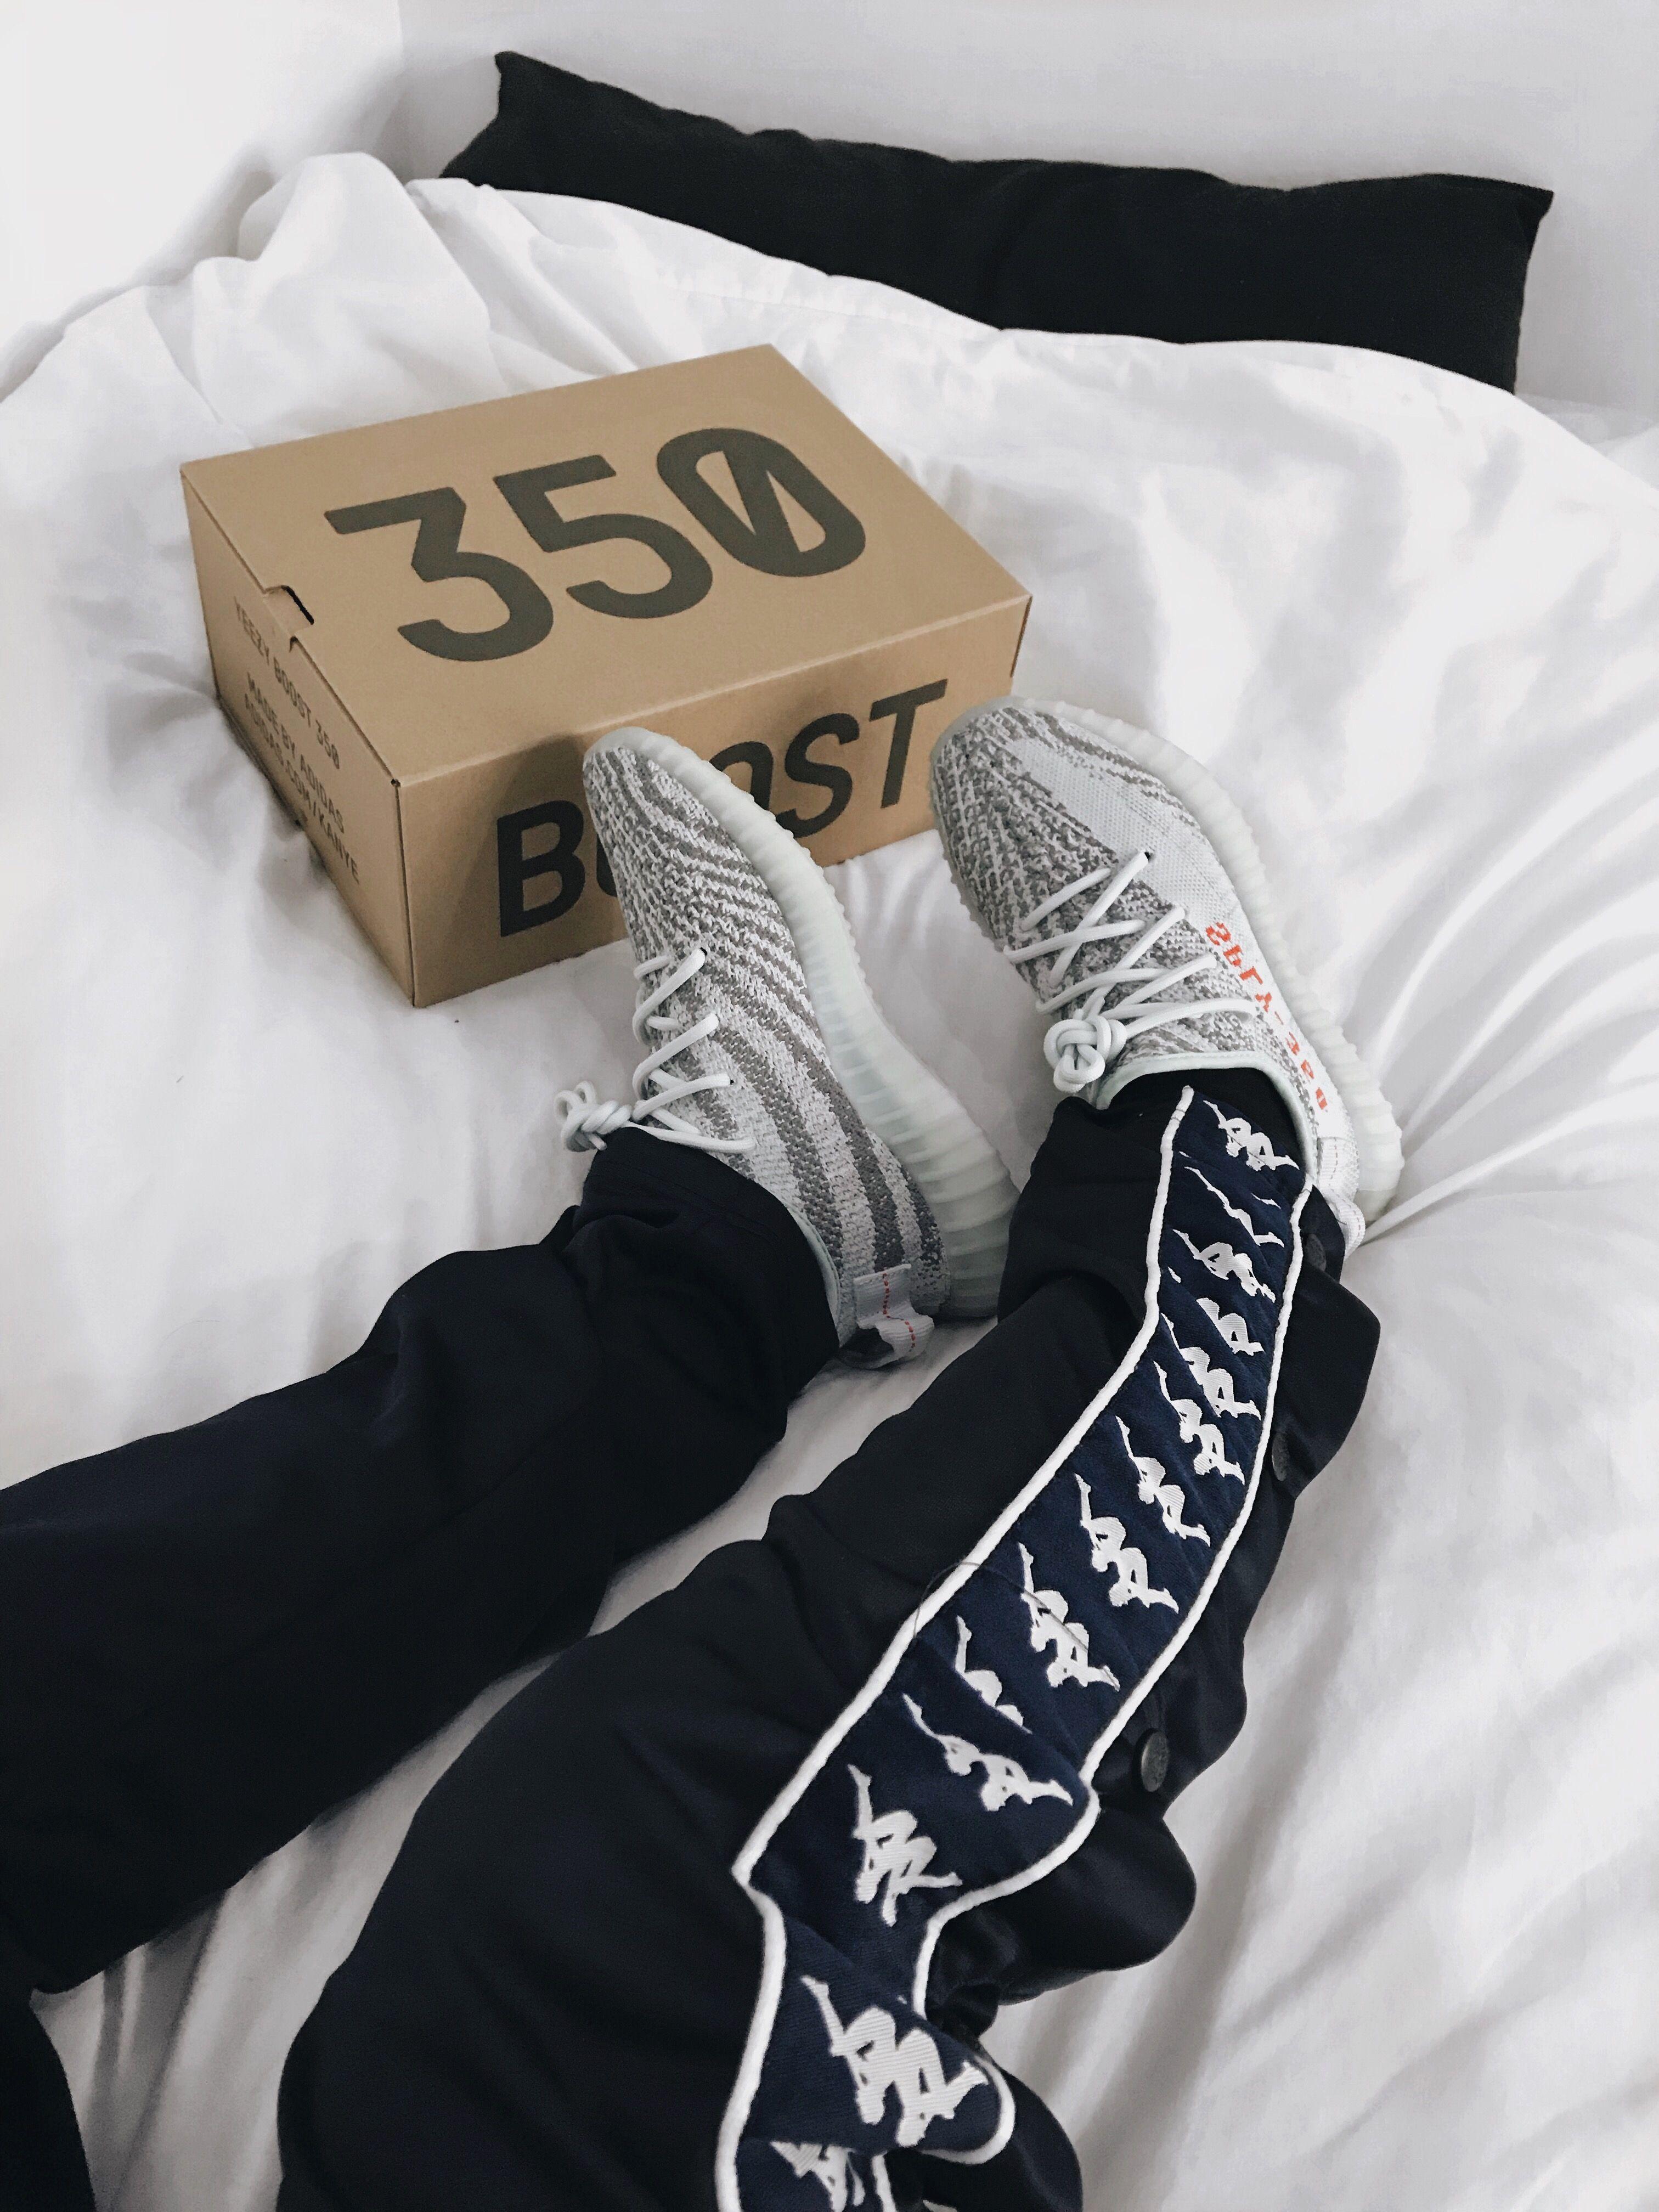 fce88d36475f78 Adidas Yeezy Boost 350 V2 Blue Tint Sneakers    Kappa    Sam Barnes ...